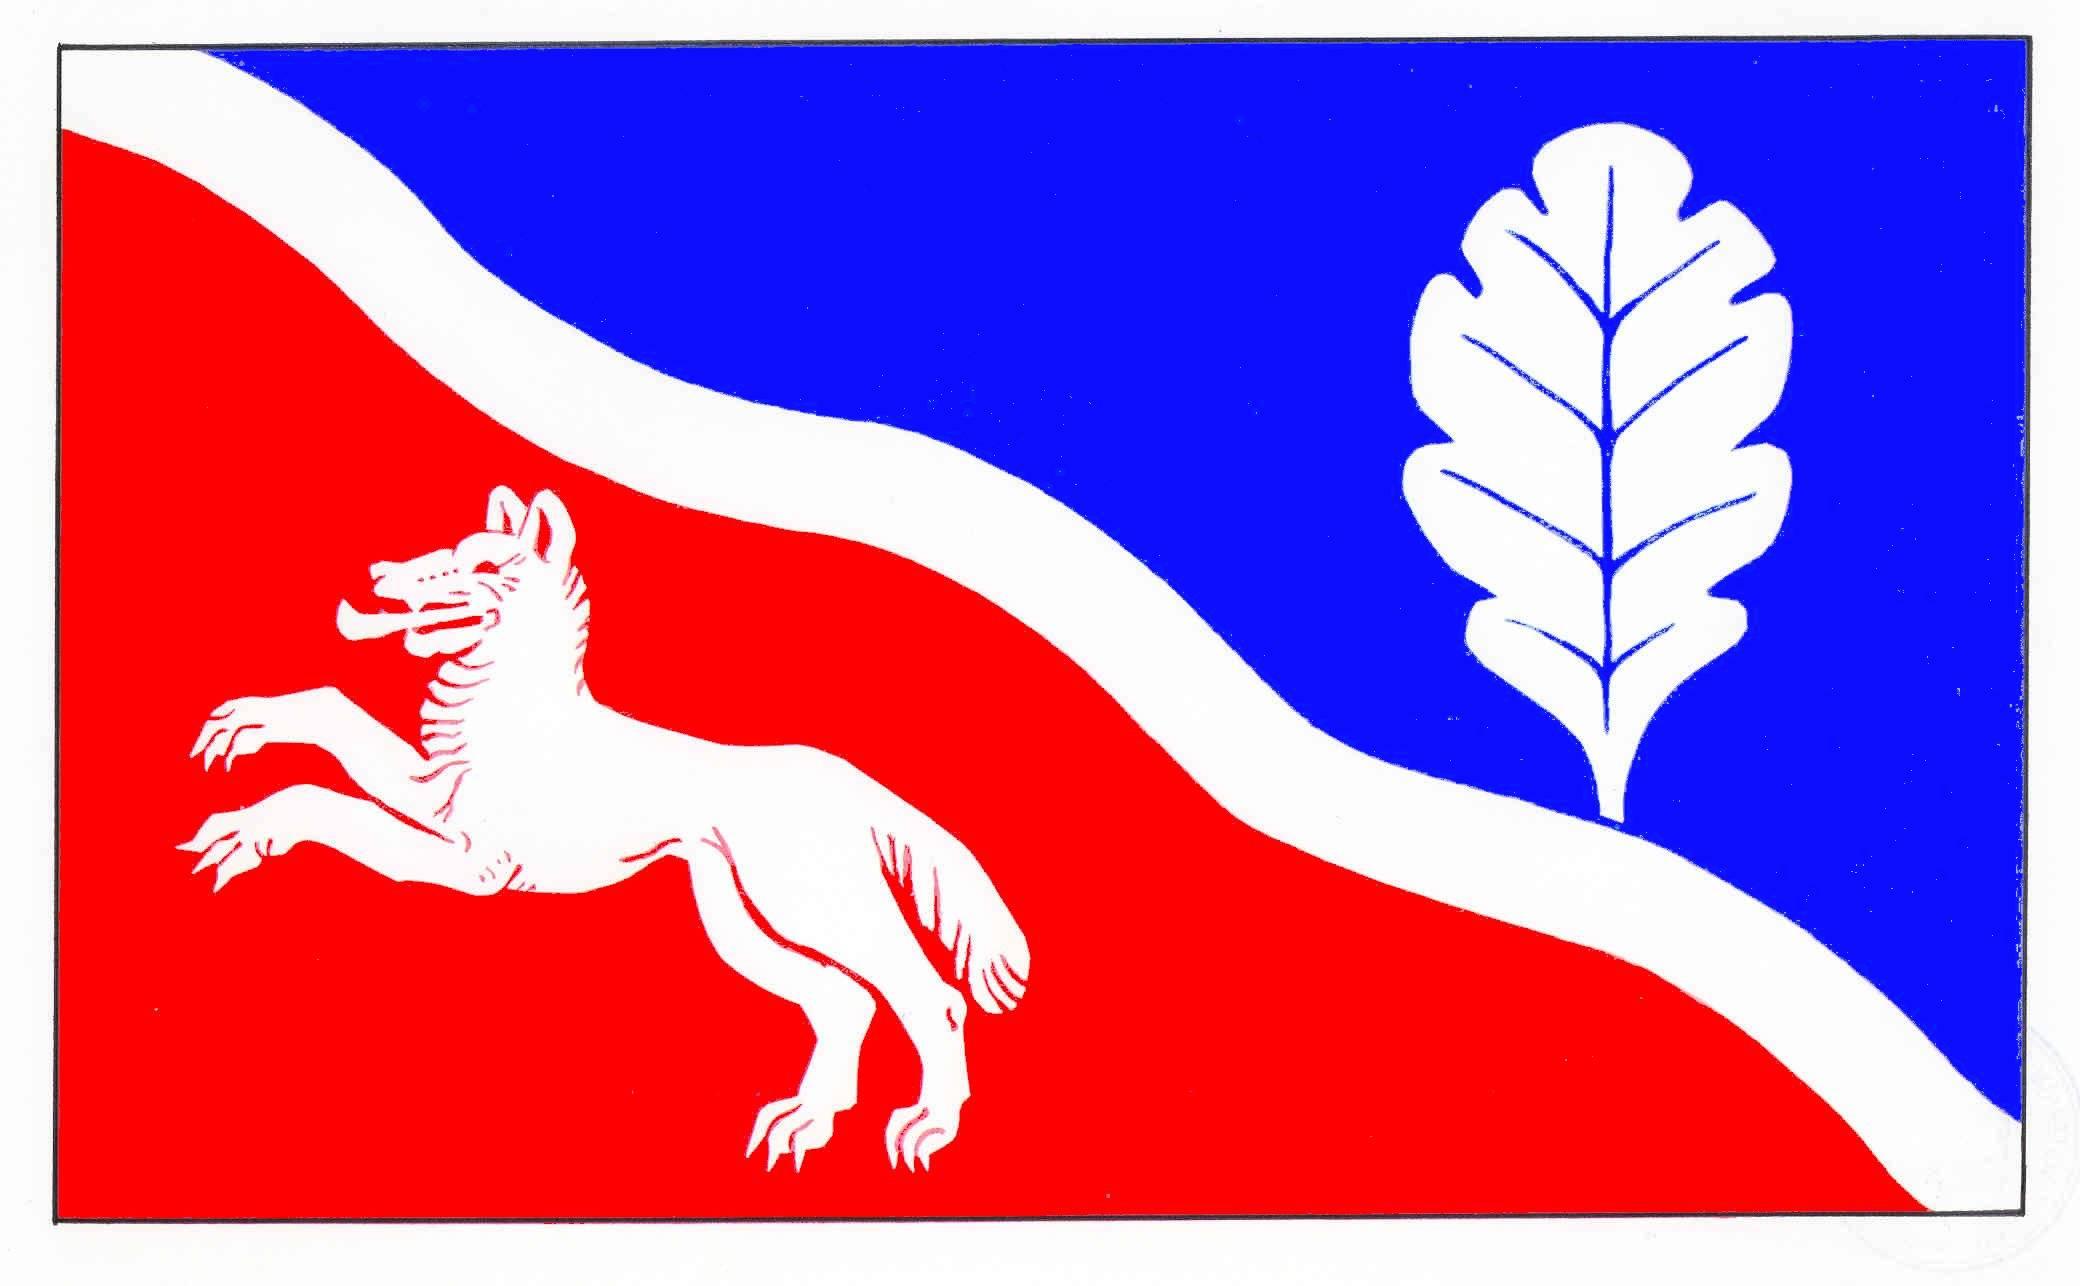 Flagge GemeindeDobersdorf, Kreis Plön